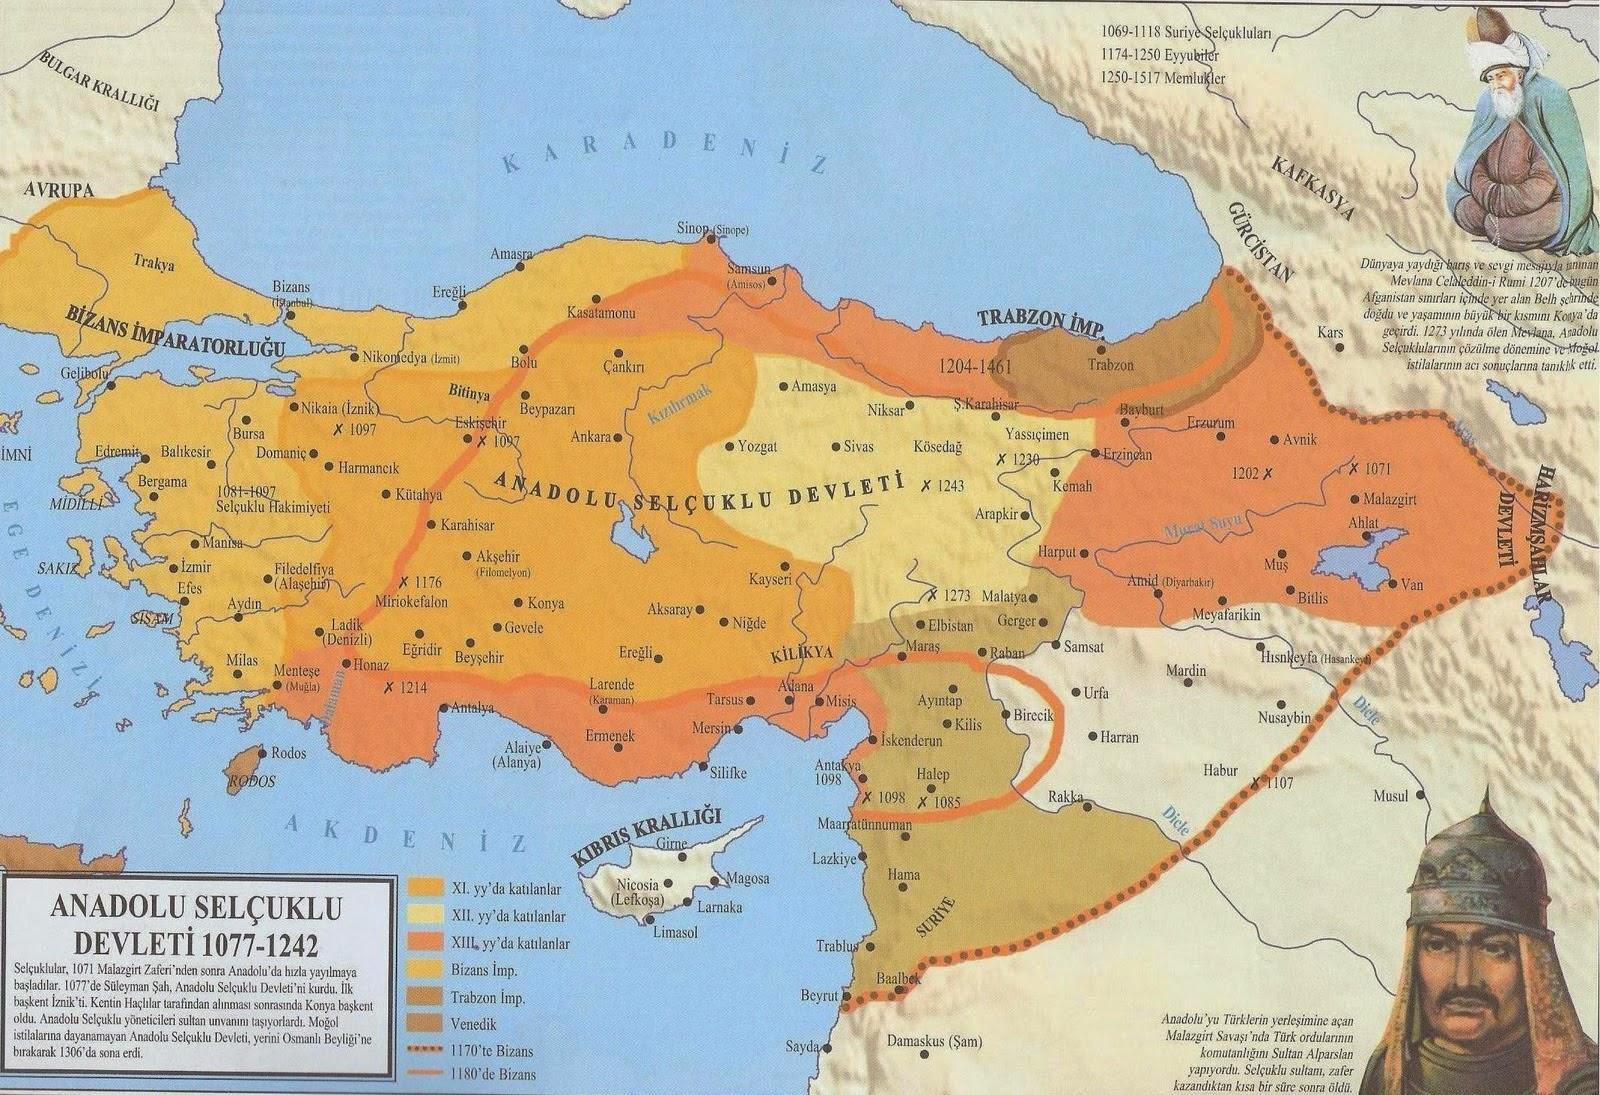 Türkiye Selçuklu Devleti Türkiye Selçukluları Türk Devletleri Anadolu Selcuklu Devleti Tarihi Haritası